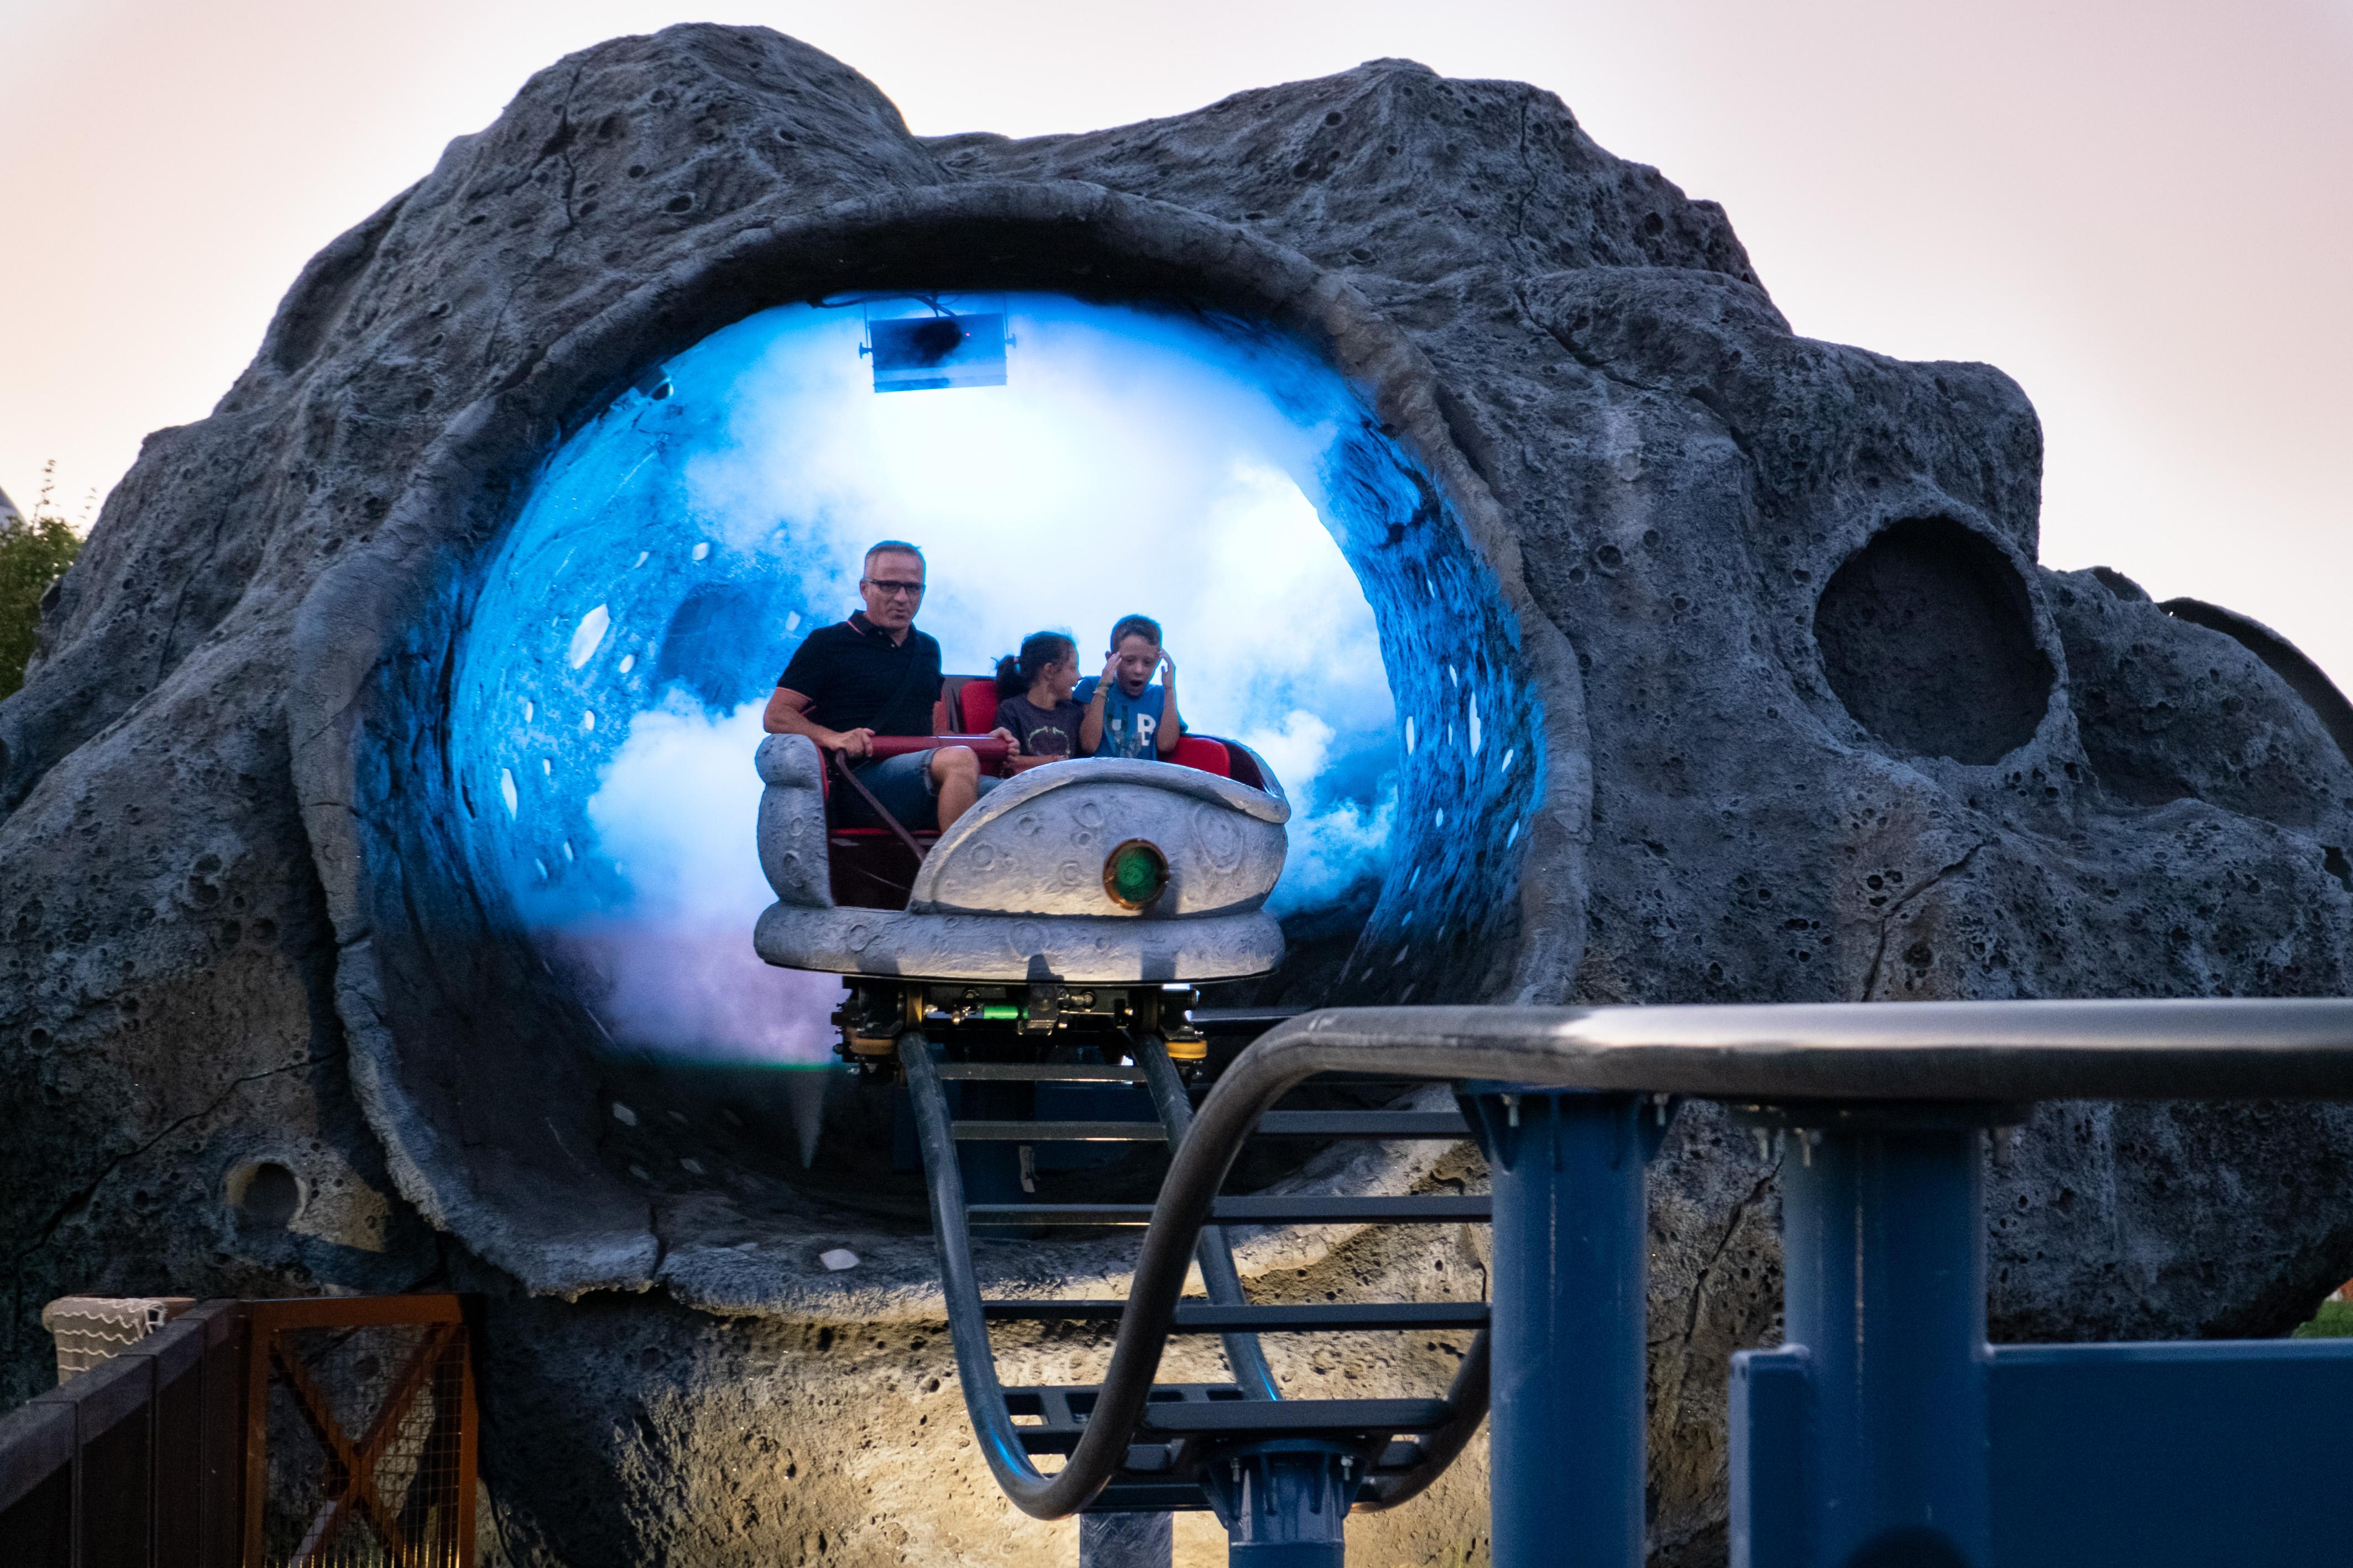 Familienerlebnis im französischen Freizeitpark Petit Prince